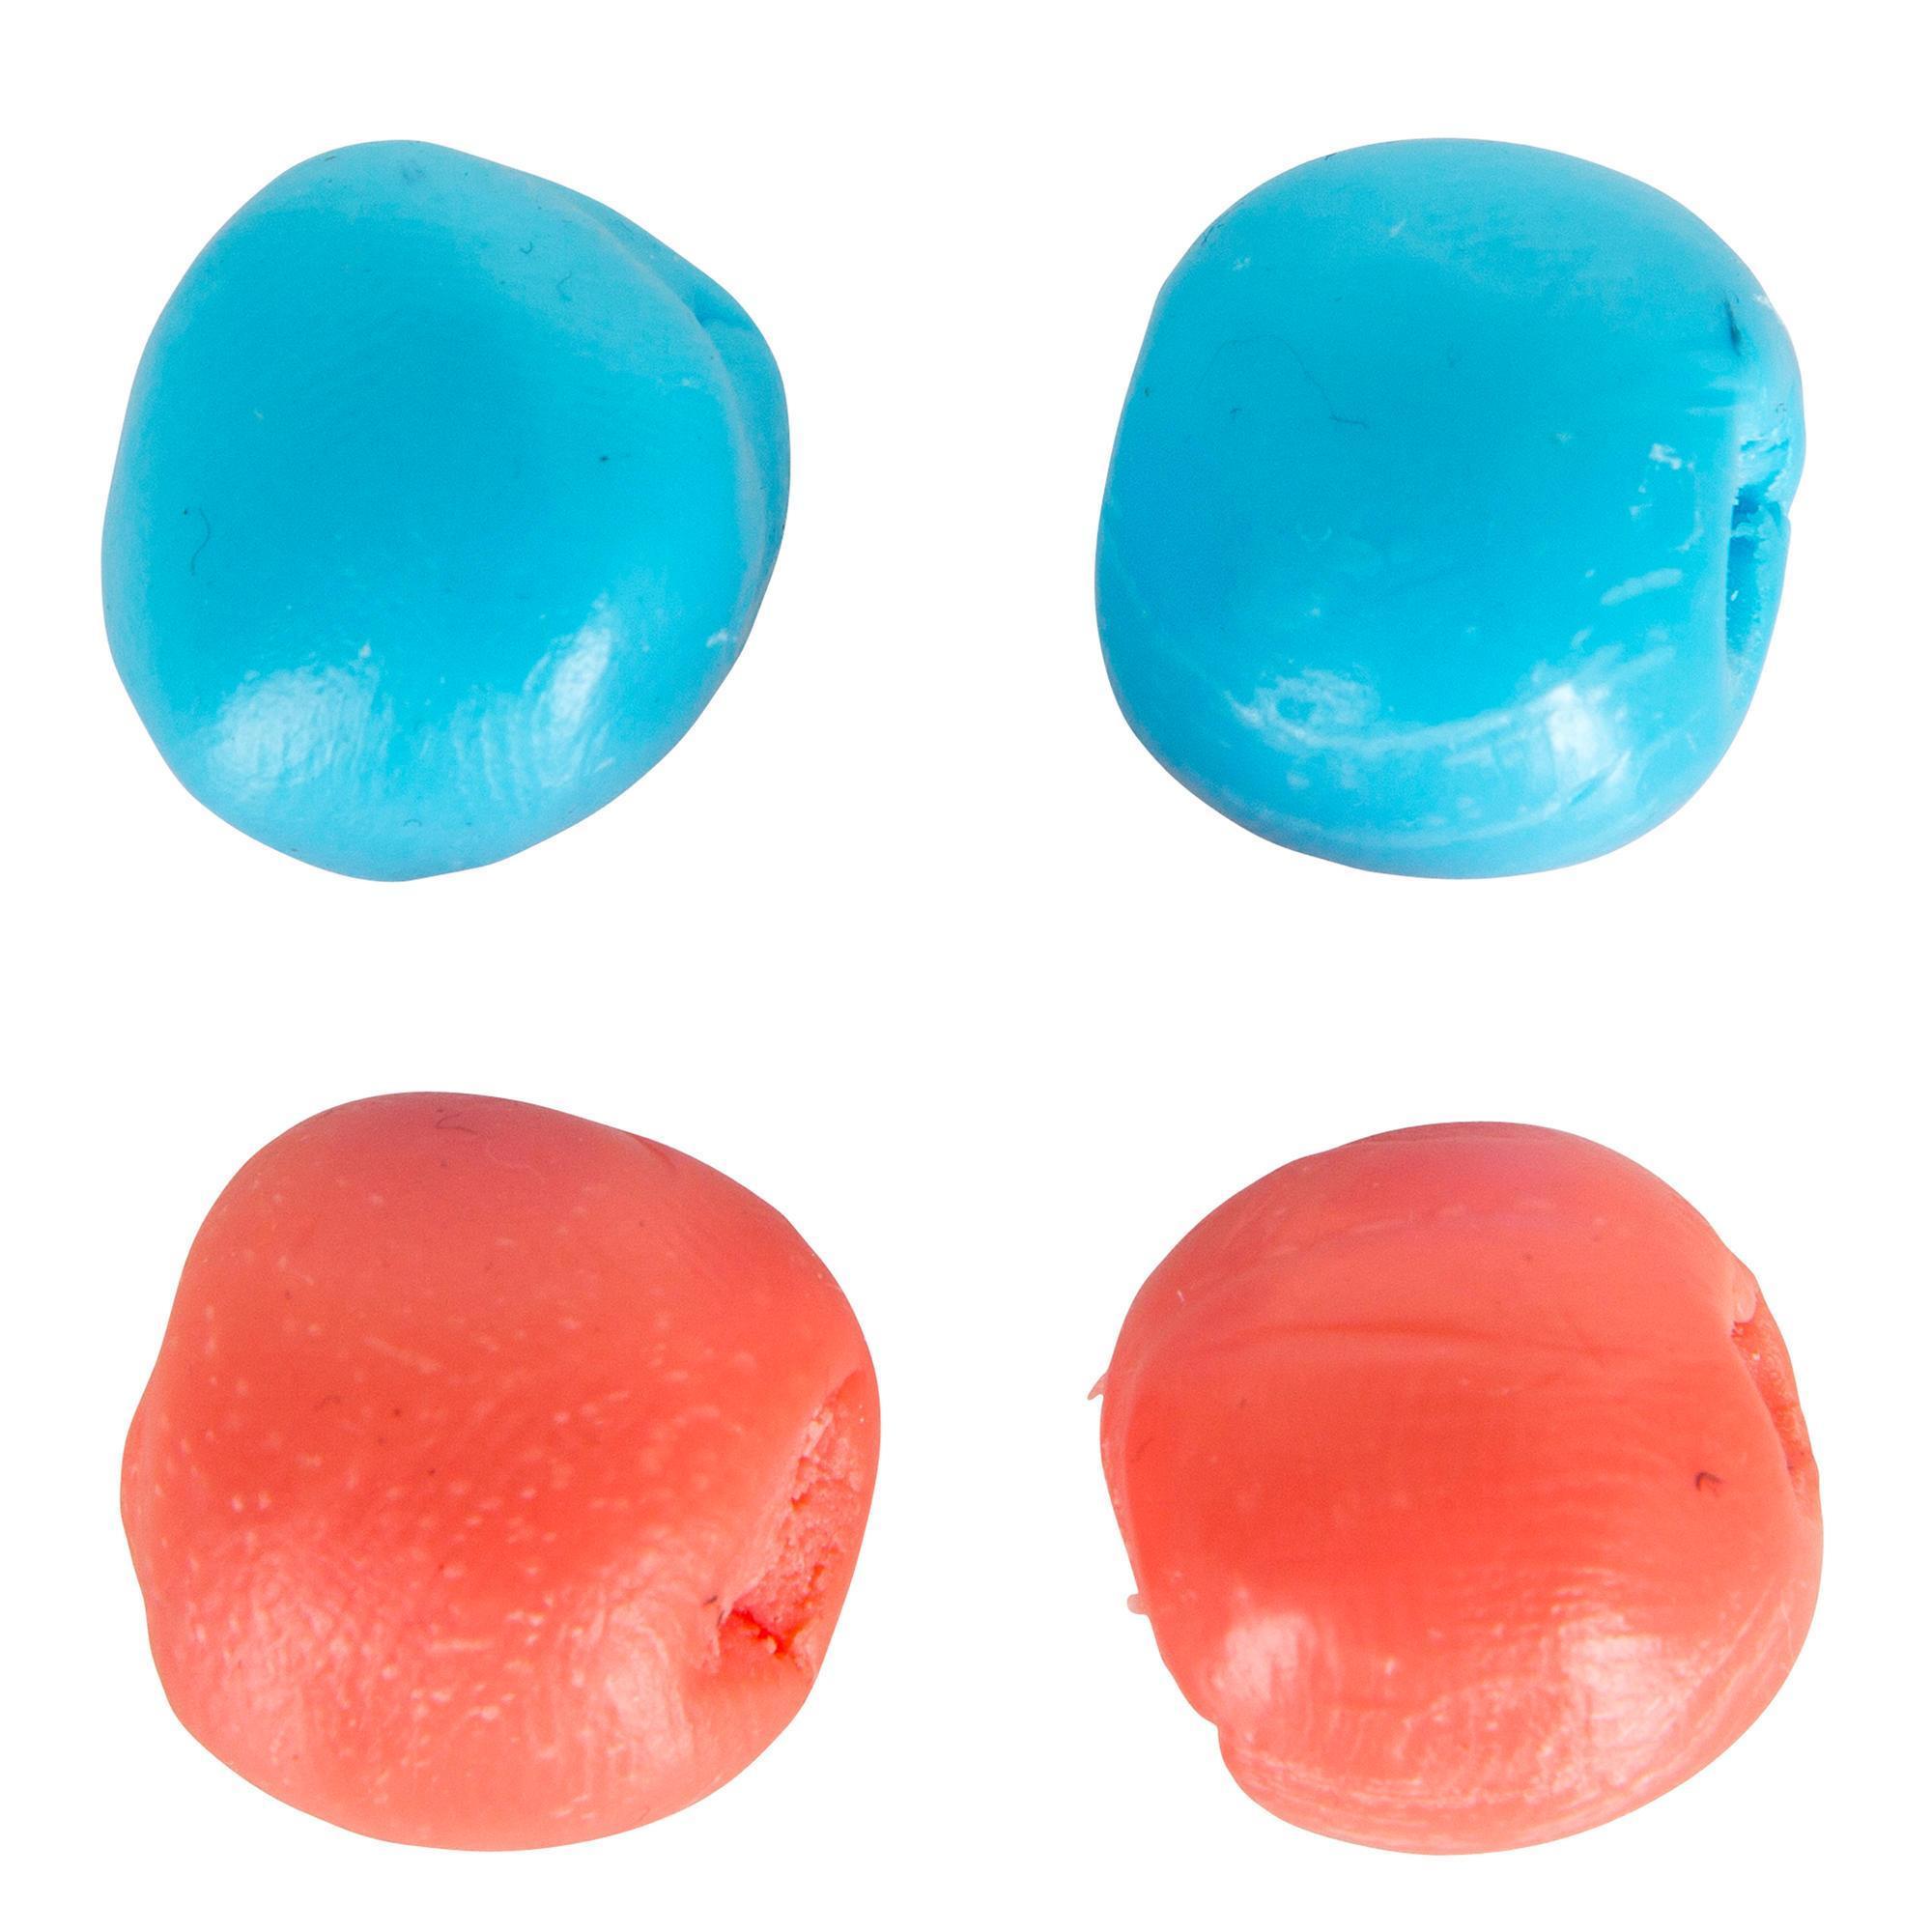 Bouchons D'oreilles Natation Thermoplastique Malléables Bleus Et Roses encequiconcerne Bouchon D Oreille Piscine